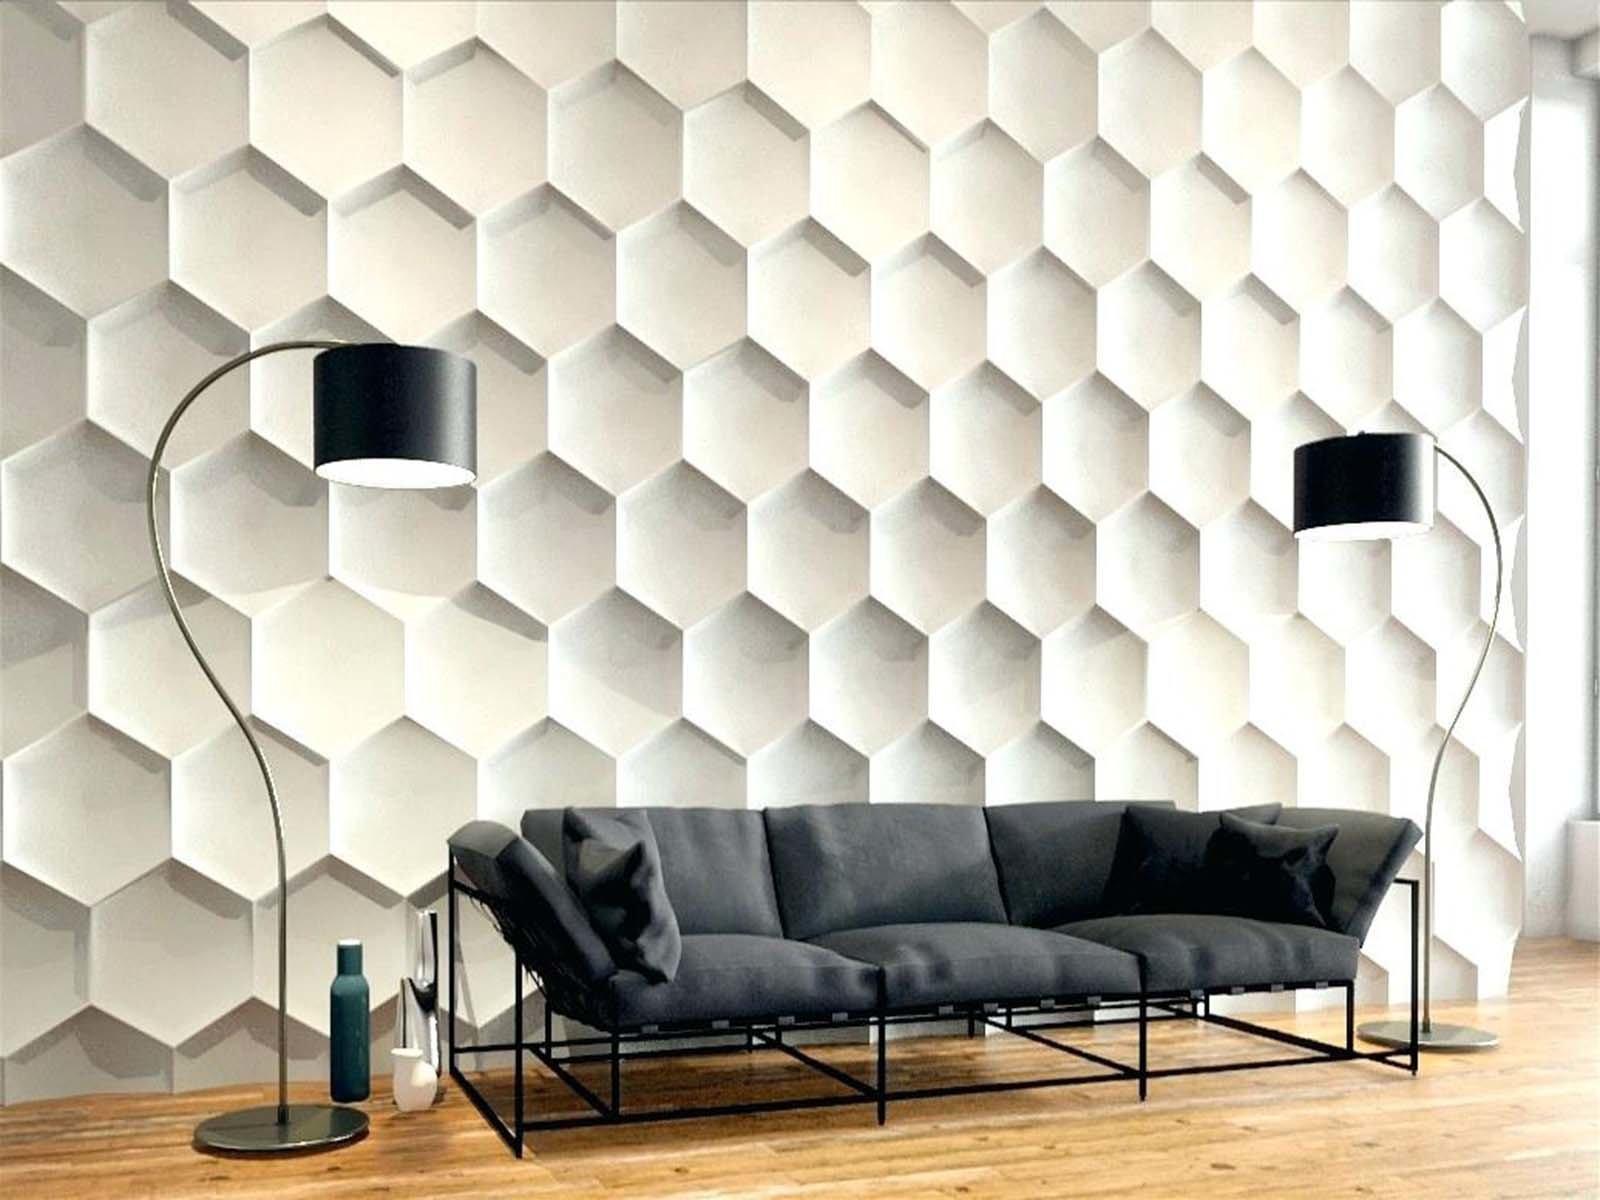 Применение гипсовых акустических панелей в внутренней отделке стен